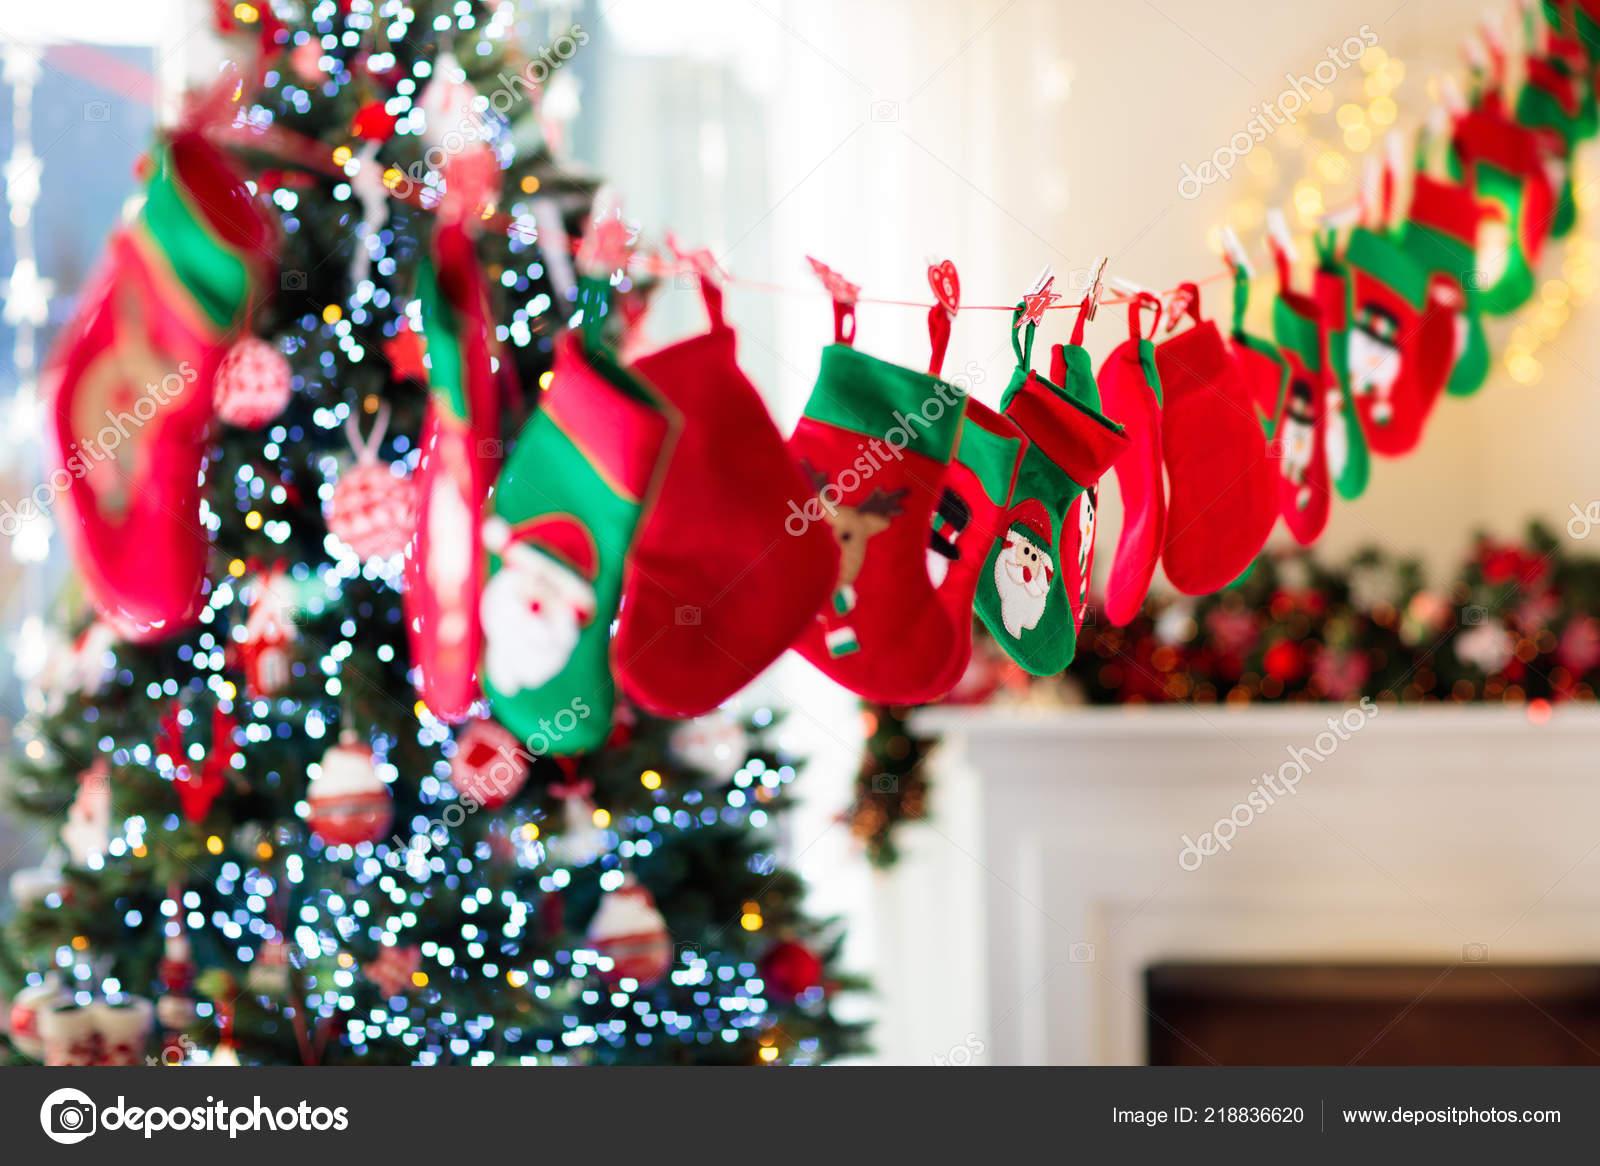 Weihnachtsgeschenke Grünen Und Roten Socken Süßigkeiten Und ...